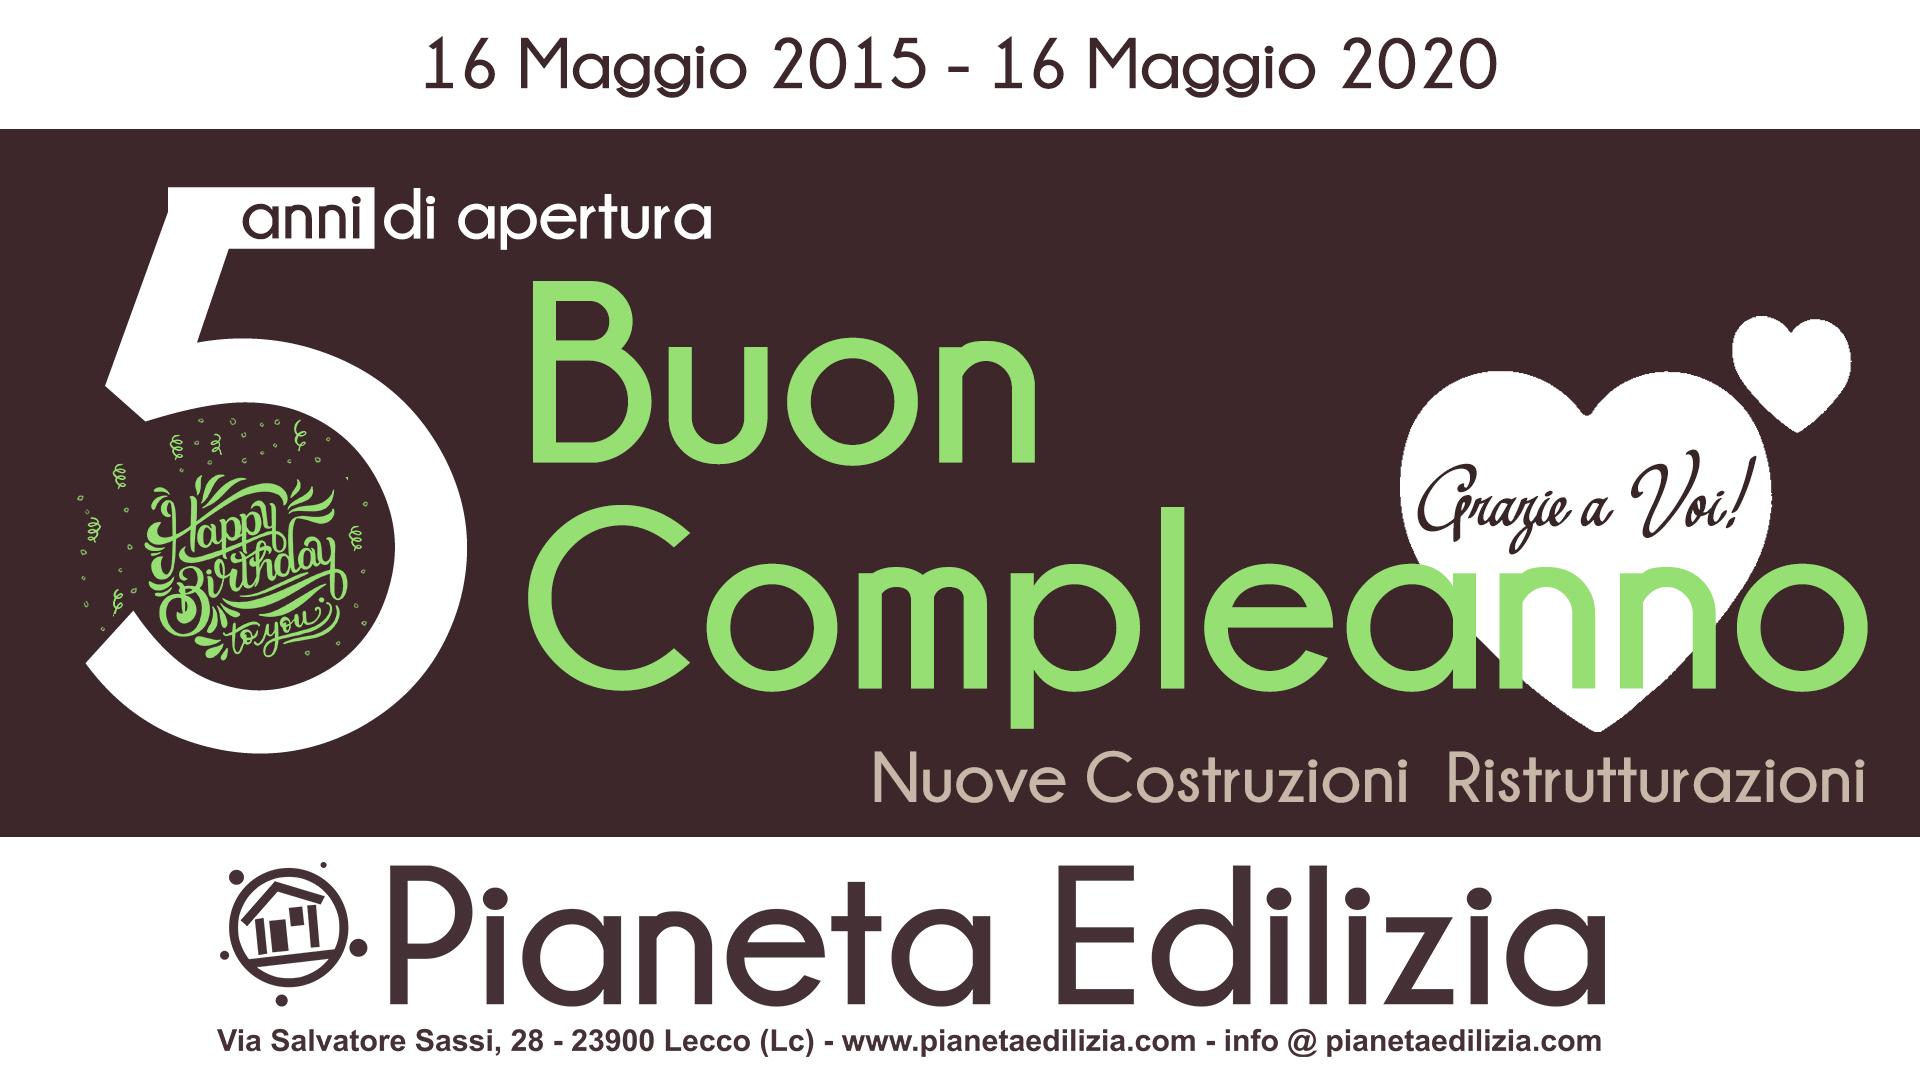 #ristrutturazioni #nuovecostruzioni #lecco #como #bergamo #monza #brianza #milano